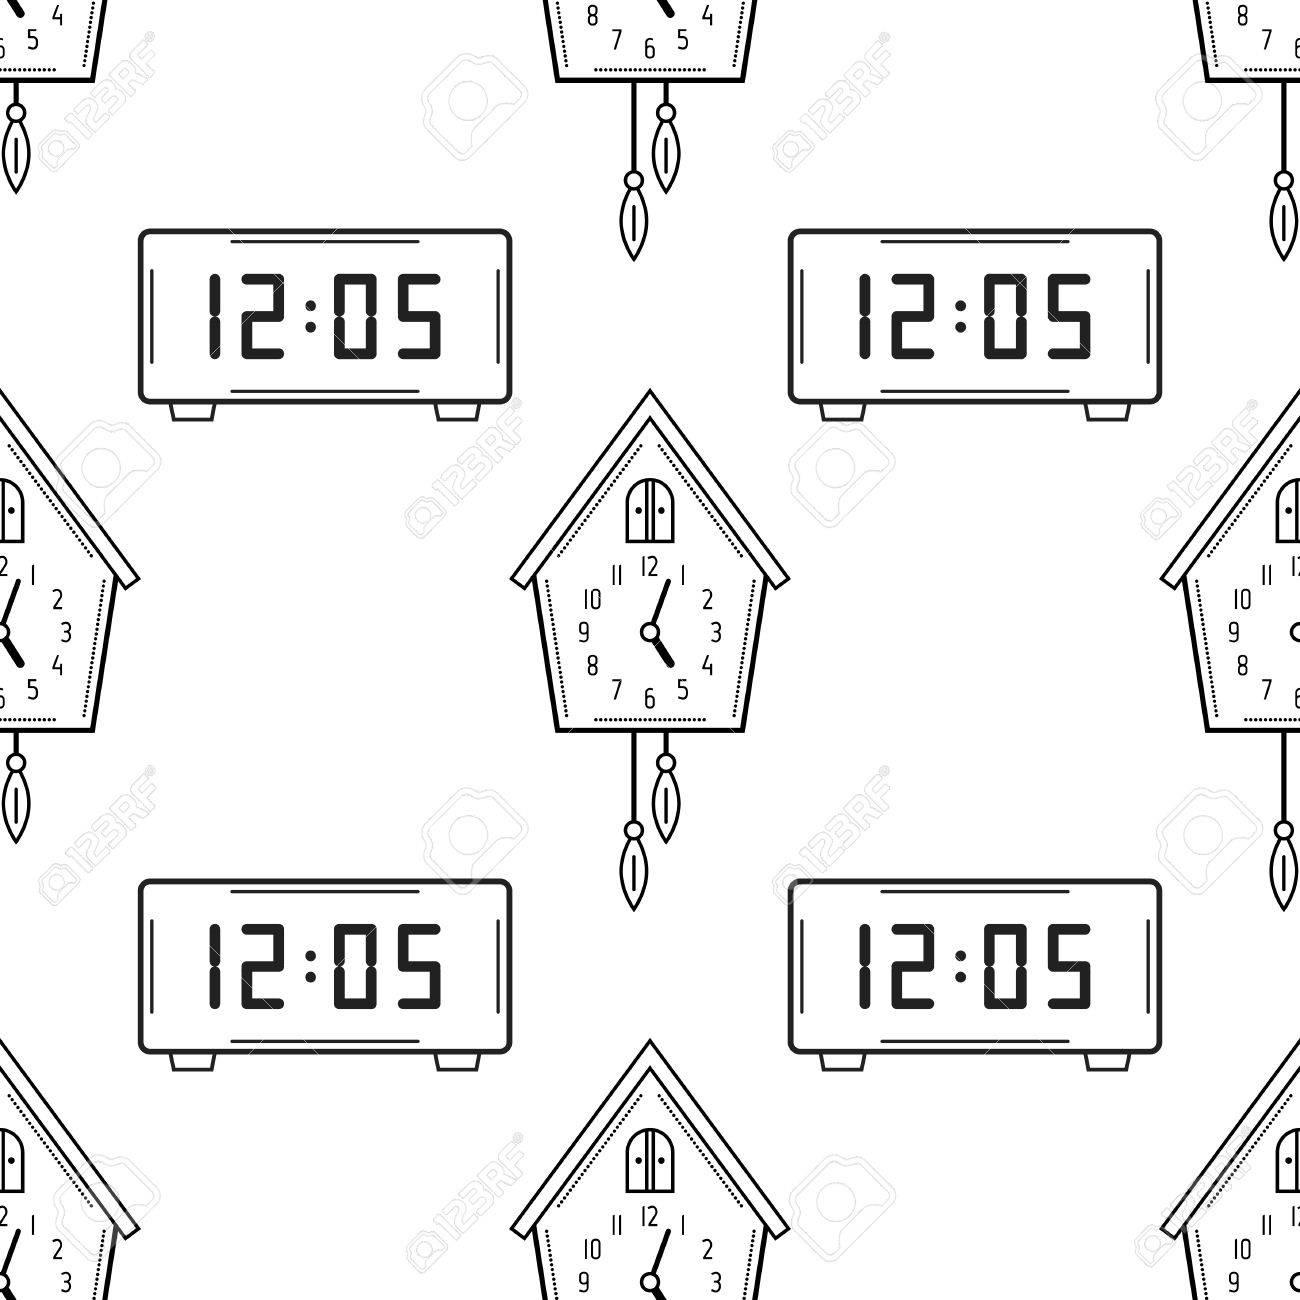 Reloj Electrónico Y Reloj De Cuco Blanco Y Negro Patrón Transparente Para Colorear Libros Páginas